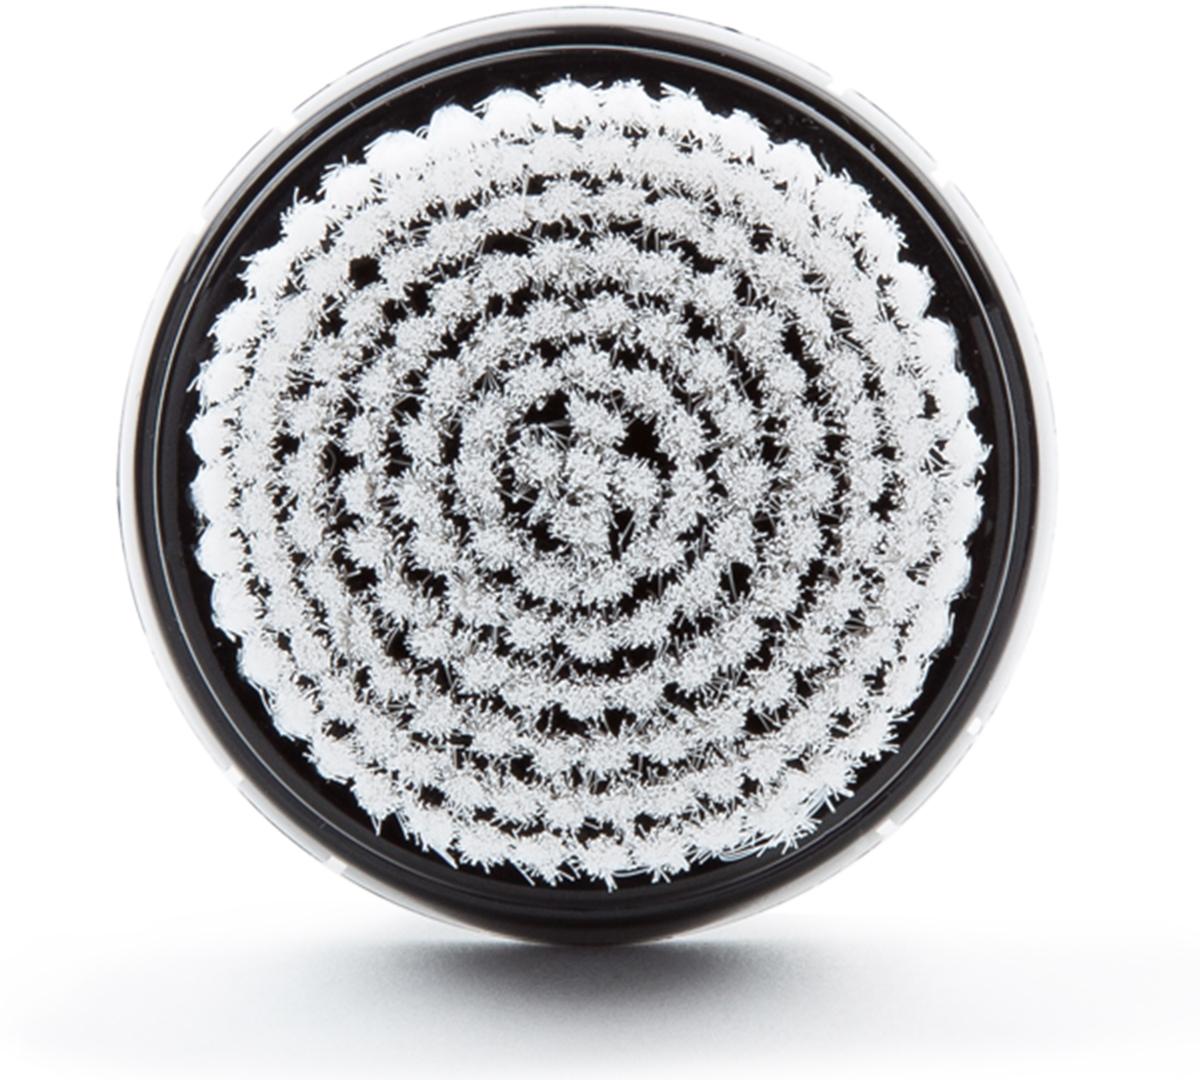 Almea Сменная щетка-насадка для очищения нормальной кожи Clariskin, цвет: черный almea clariskin original